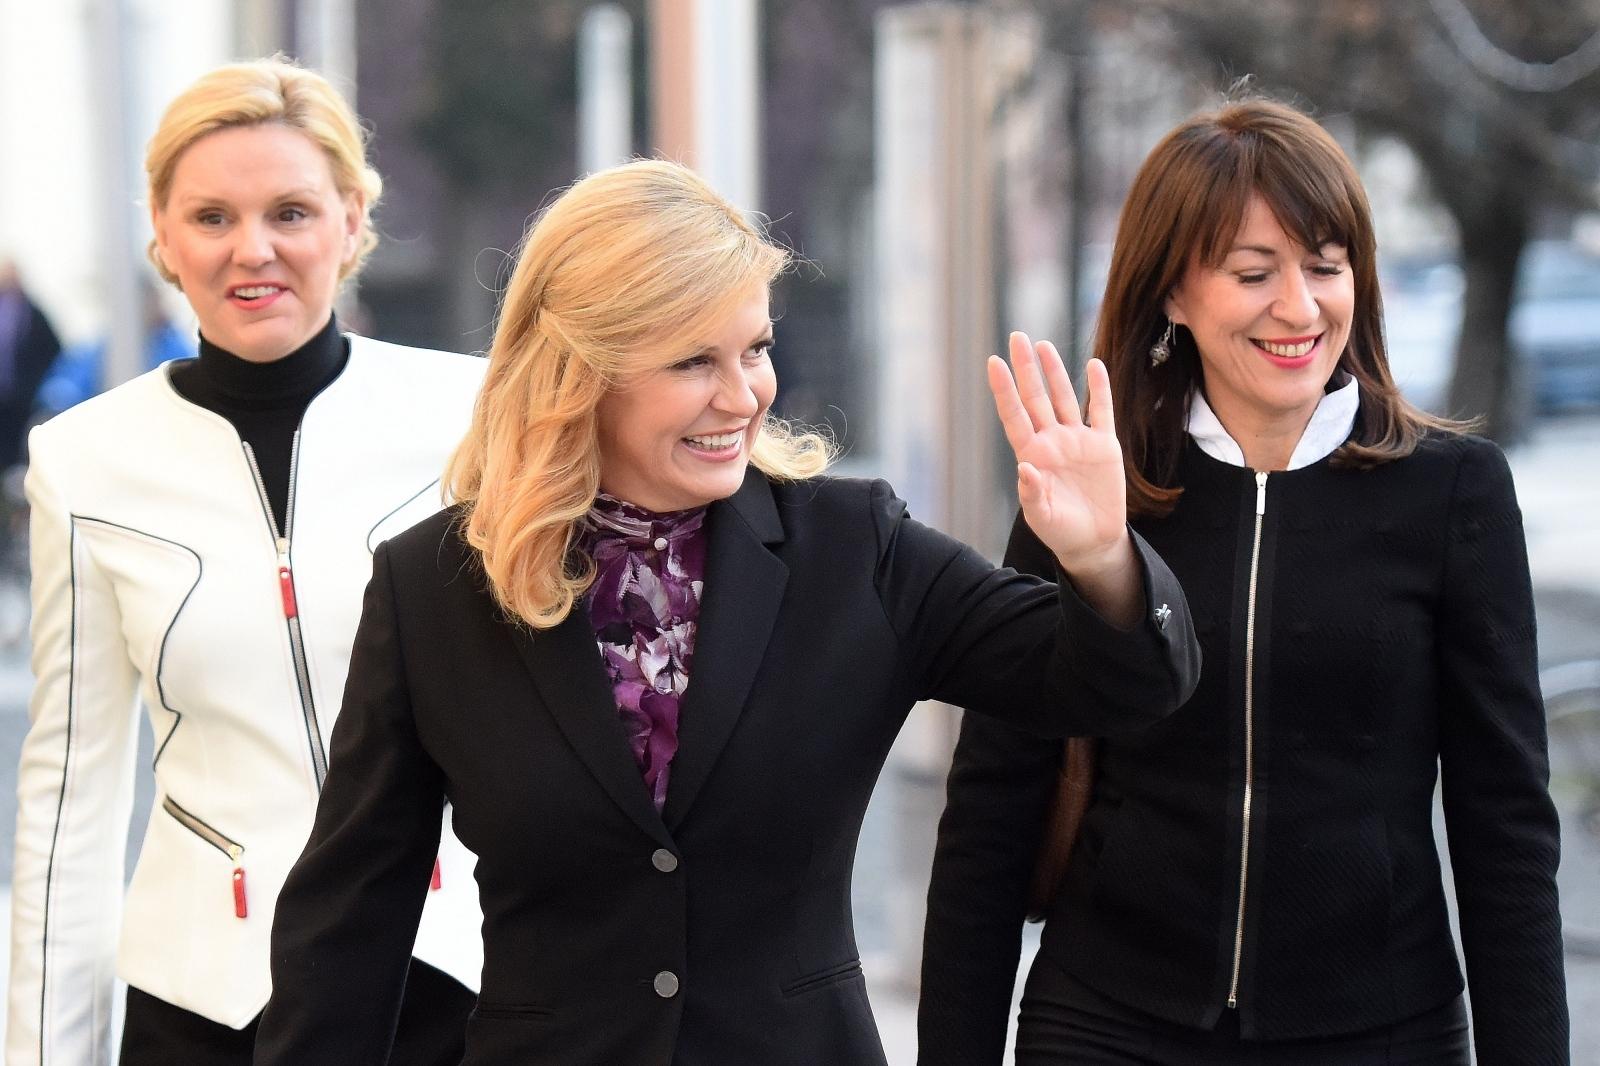 Da su danas izbori u Hrvatskoj, Grabar-Kitarović ponovno bi bila predsjednica